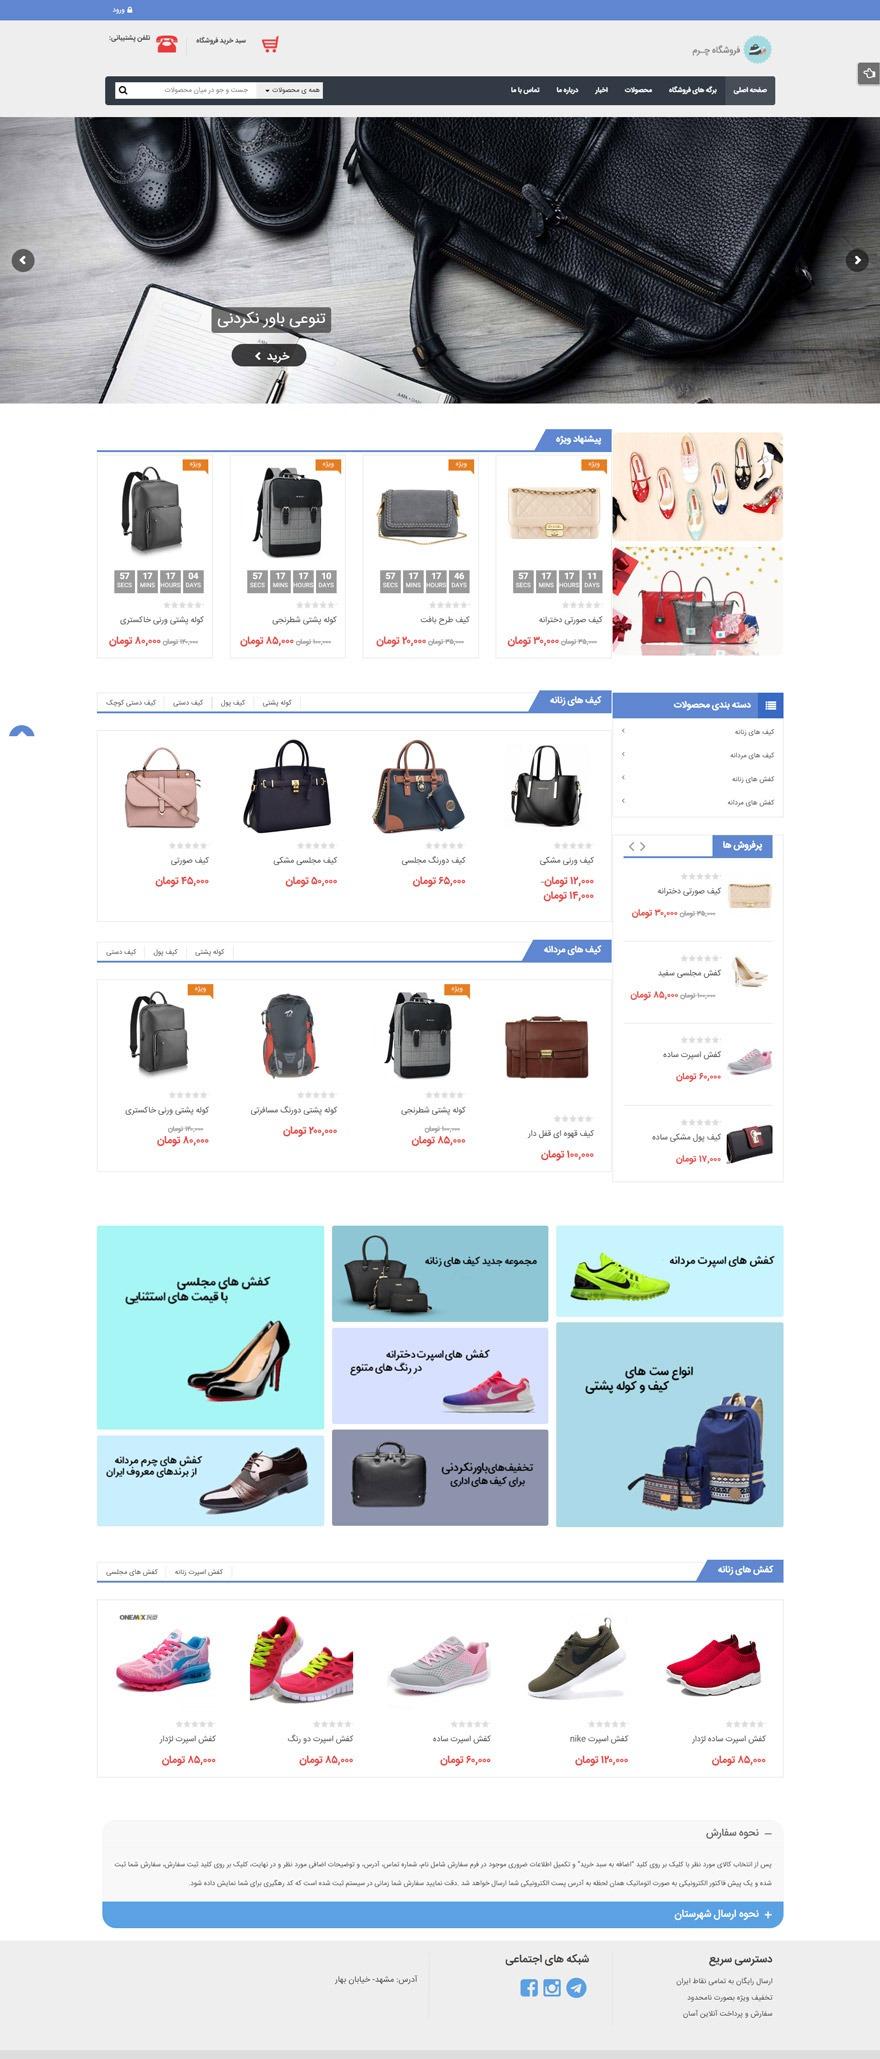 طراحی سایت کیف و کفش